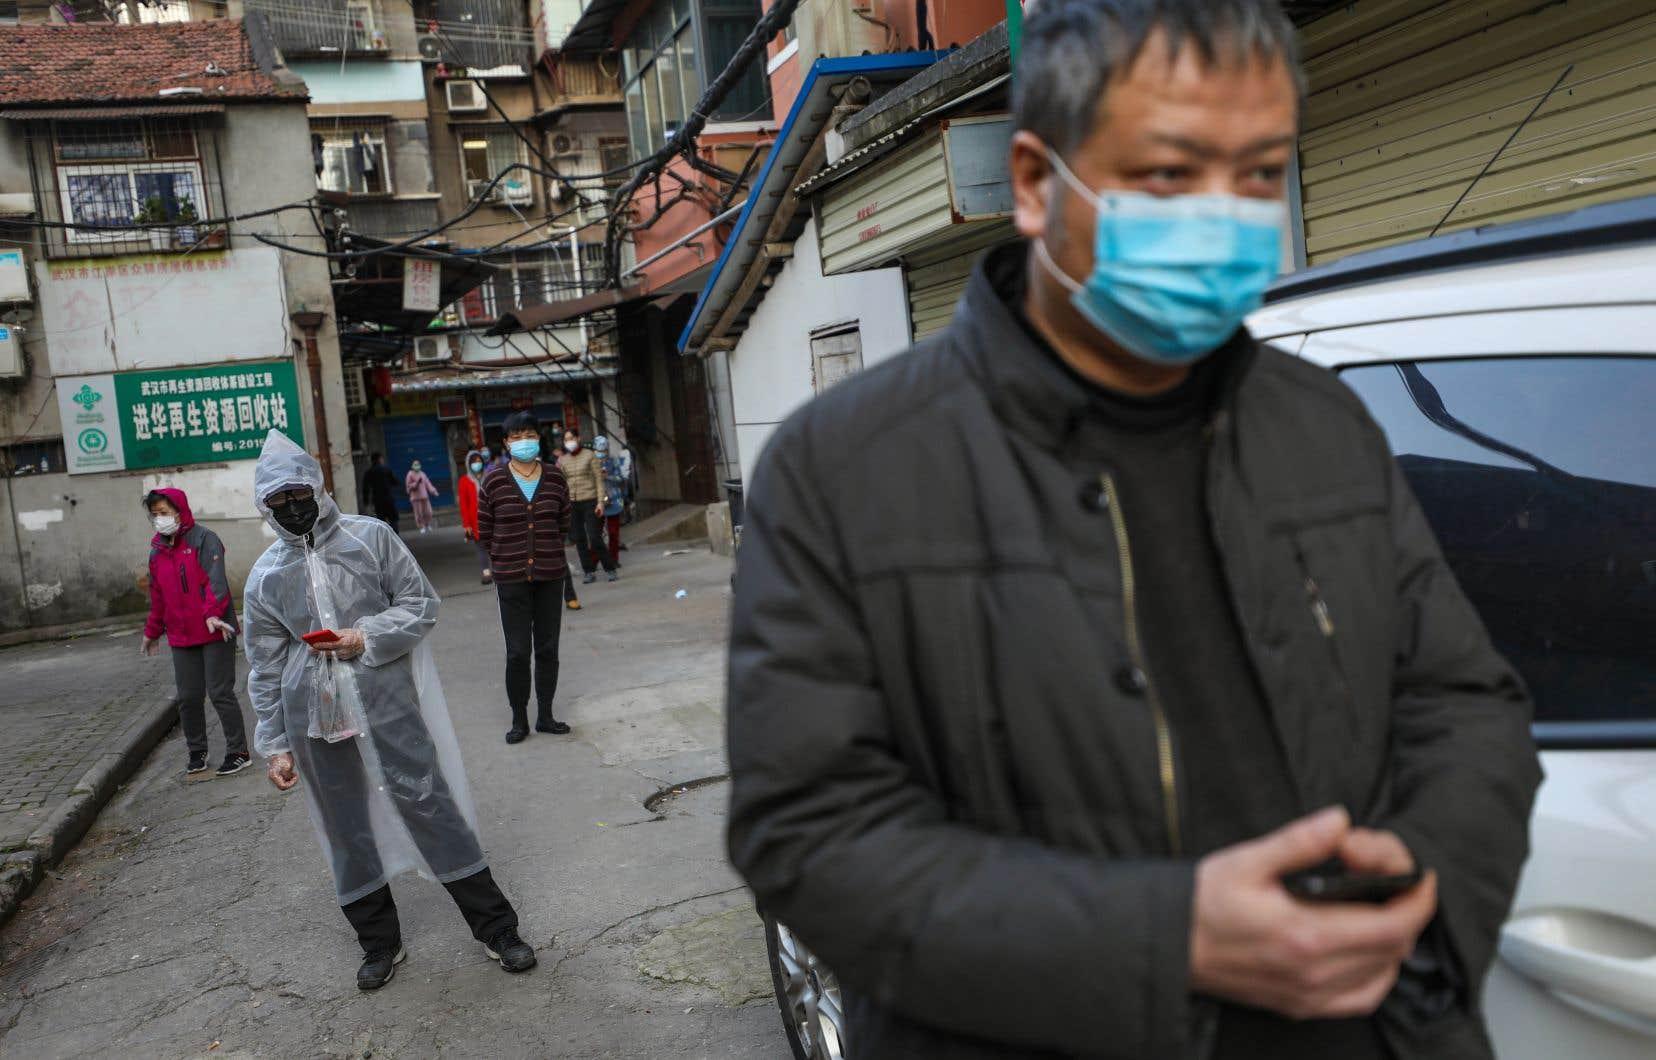 «Le gouvernement chinois a profité de la crise pour étoffer son système de surveillance et que l'accès aux soins de santé de certains citoyens vulnérables s'est vu limité», croit l'autrice.